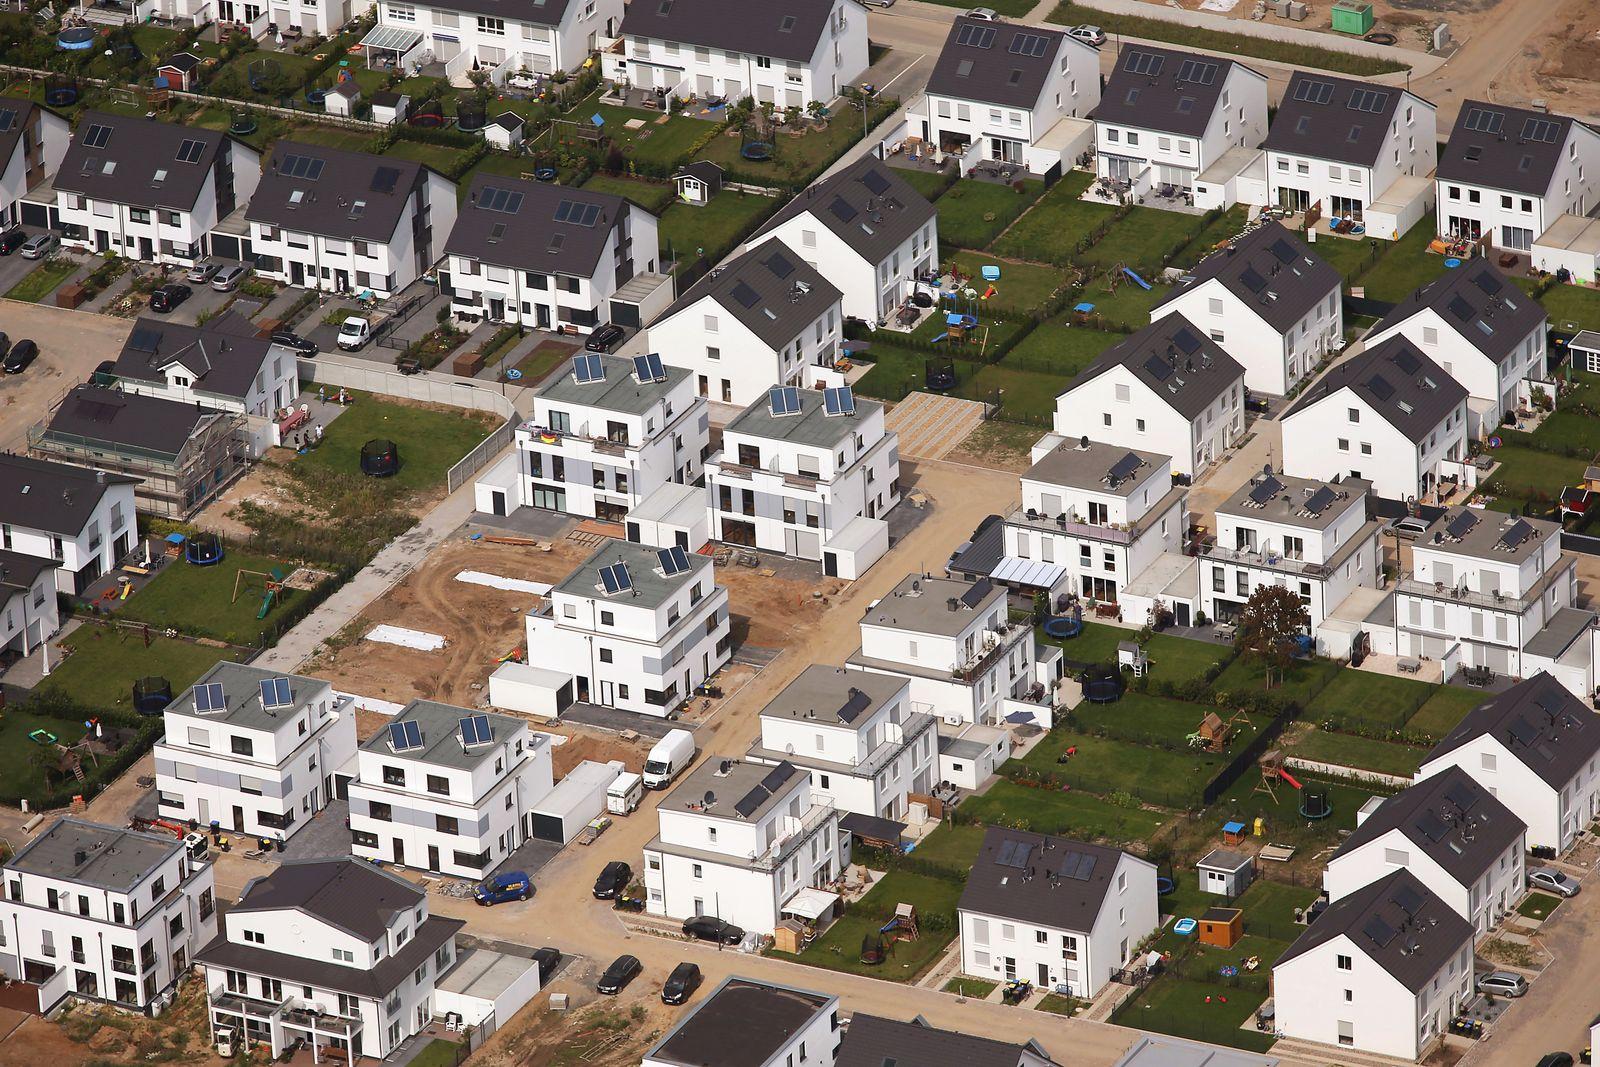 Wohnungsbau / Immobilien / Immobilien-Boom / Familienhäuser